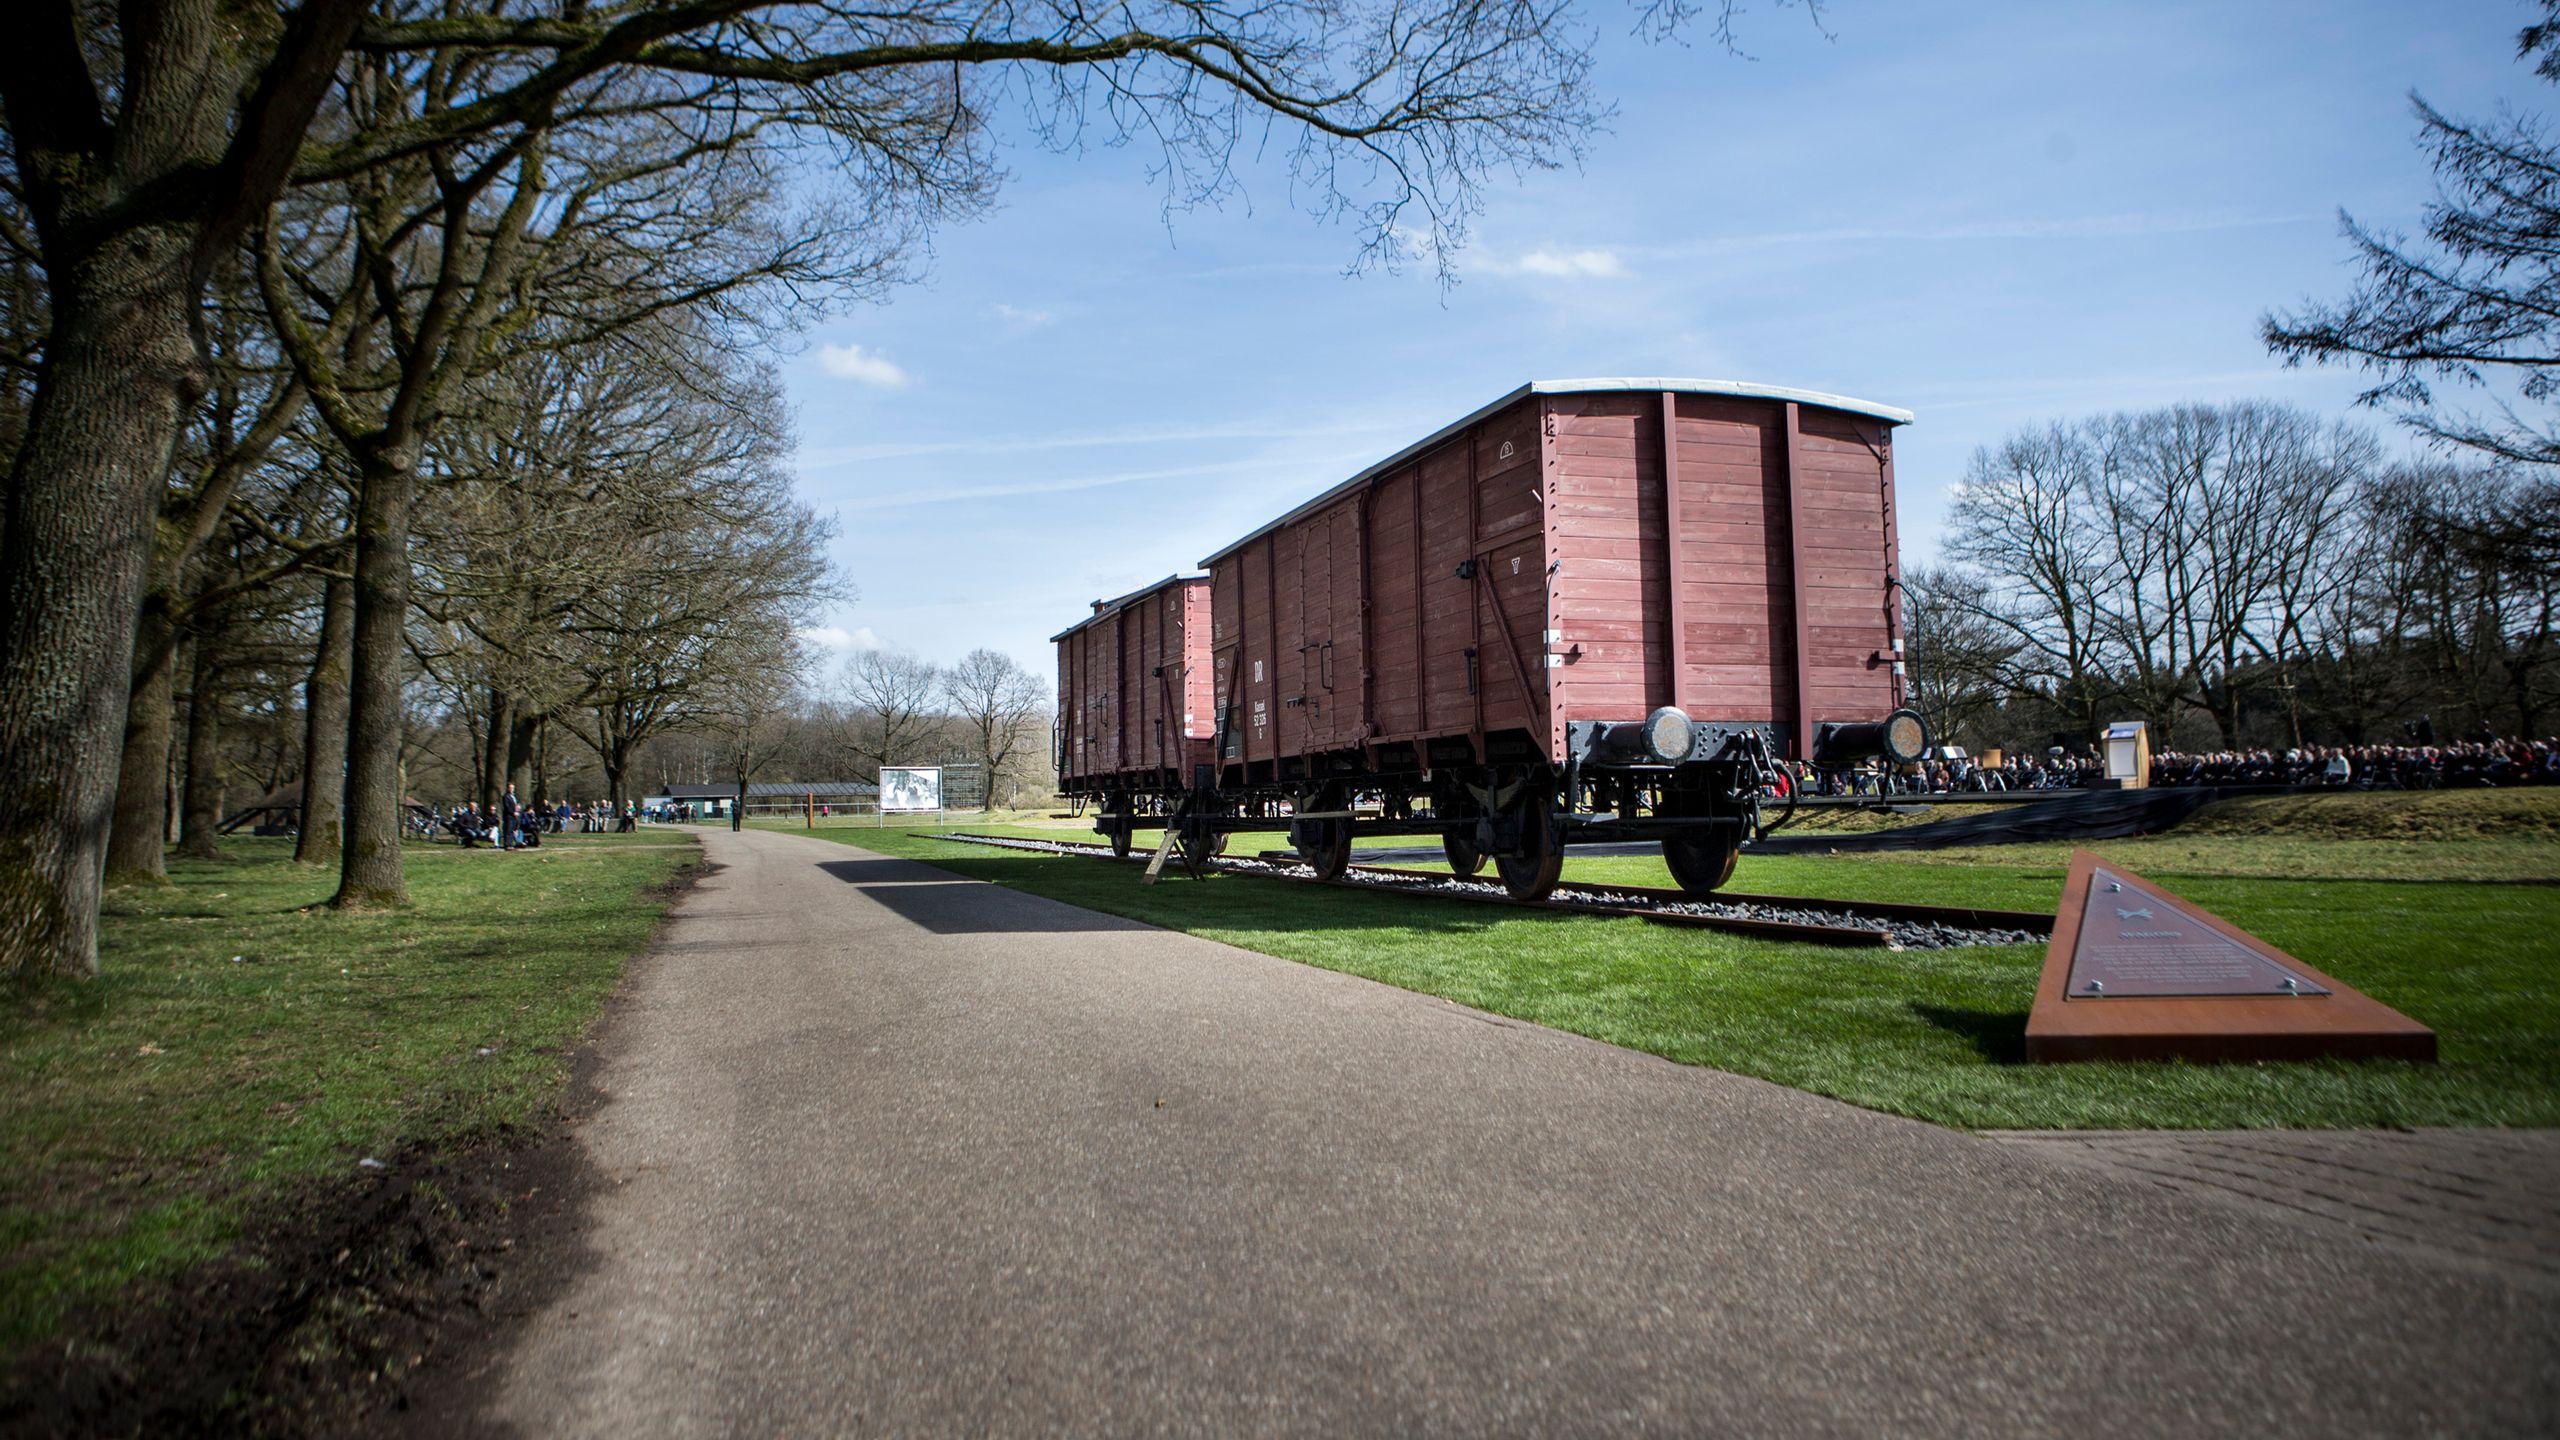 Herdenking Kamp Westerbork NOS 75 jaar Herdenking Kamp Westerbork